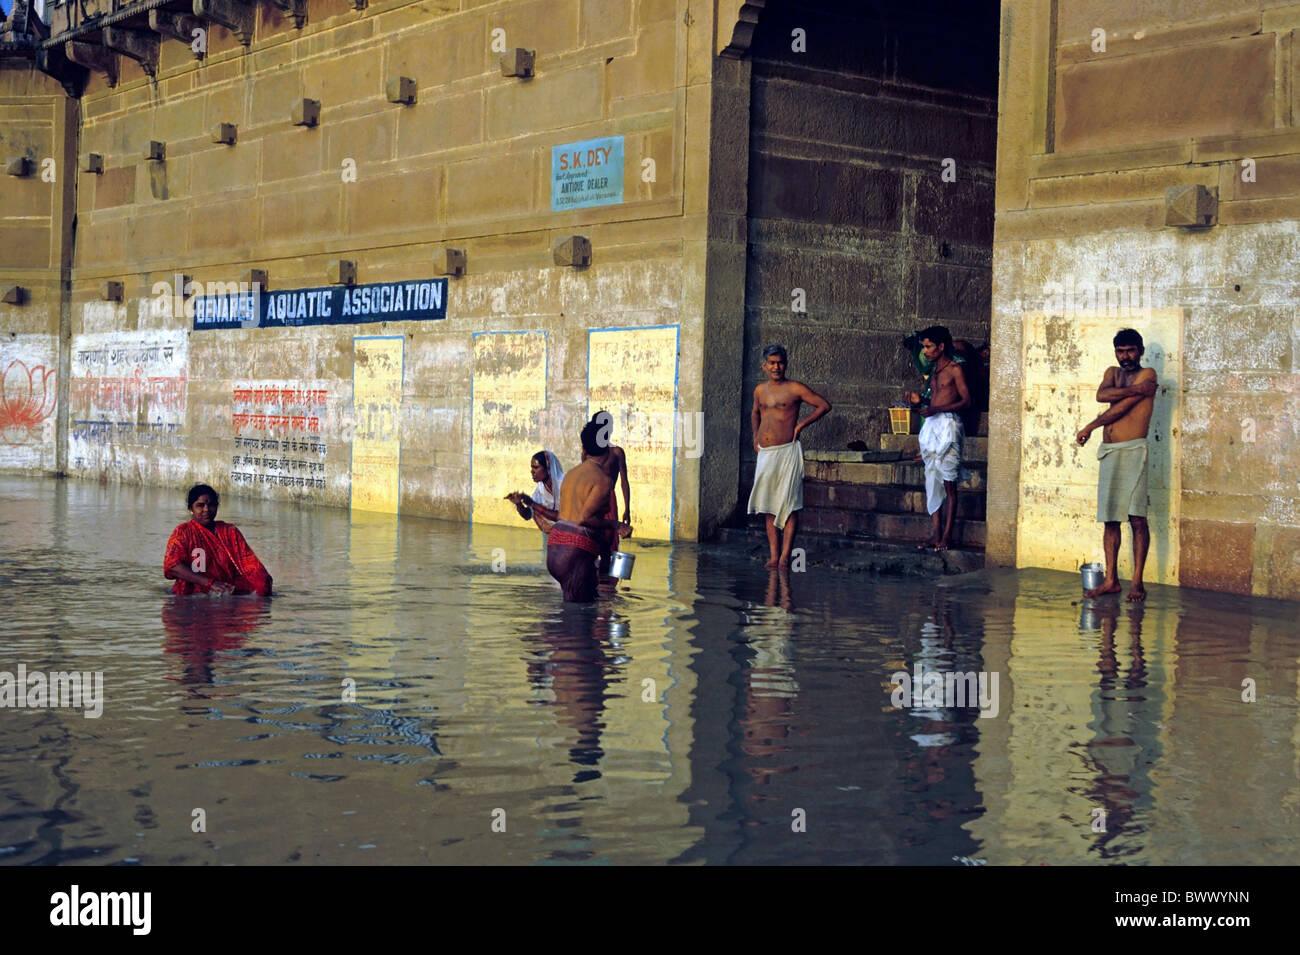 Los hombres y mujeres que realizan las abluciones en el río Ganges, Varanasi, India. Imagen De Stock